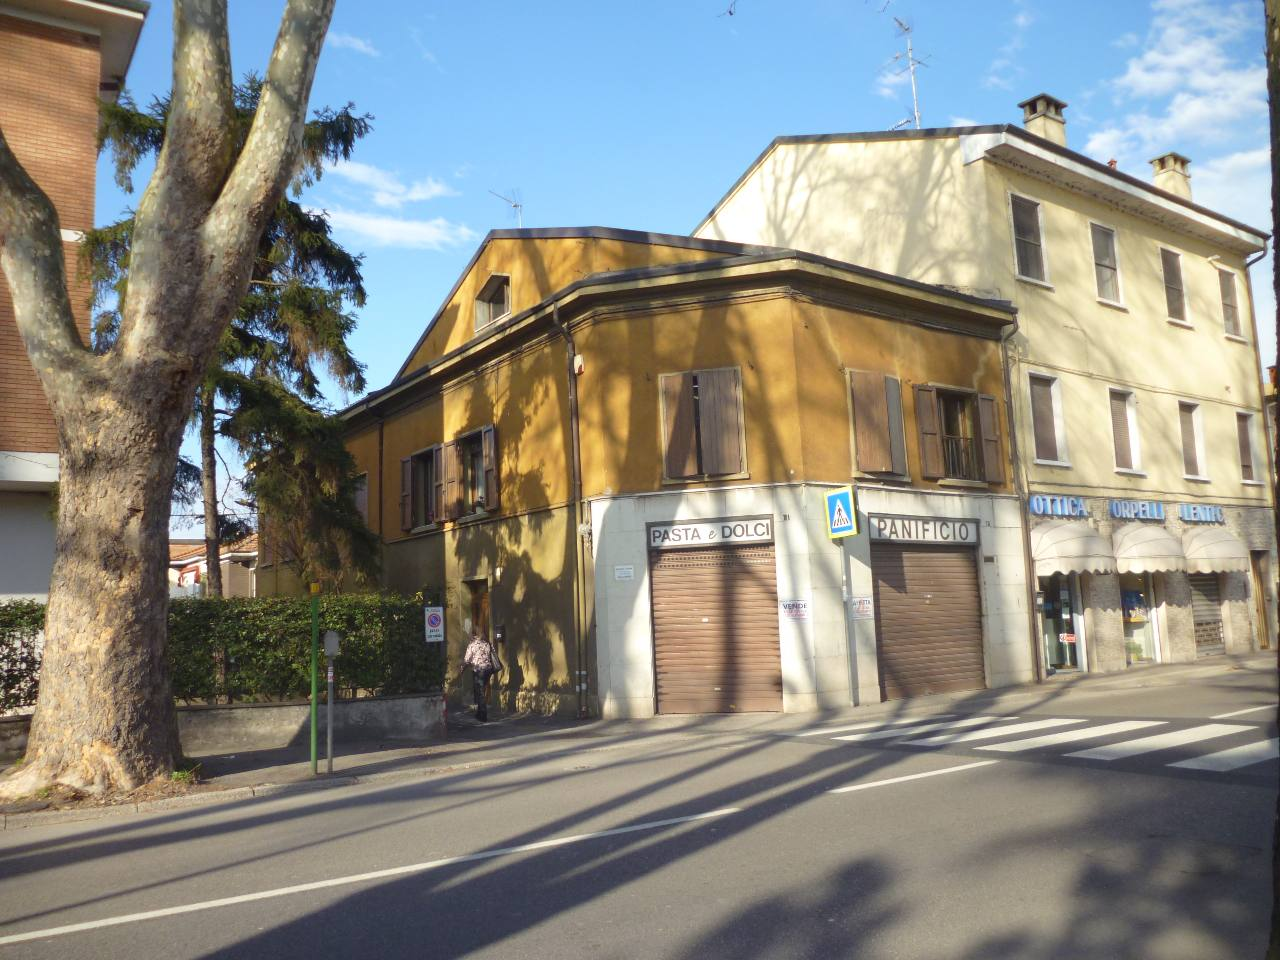 Negozio / Locale in vendita a Ferrara, 9999 locali, zona Località: Zona San Giorgio, prezzo € 68.000 | CambioCasa.it